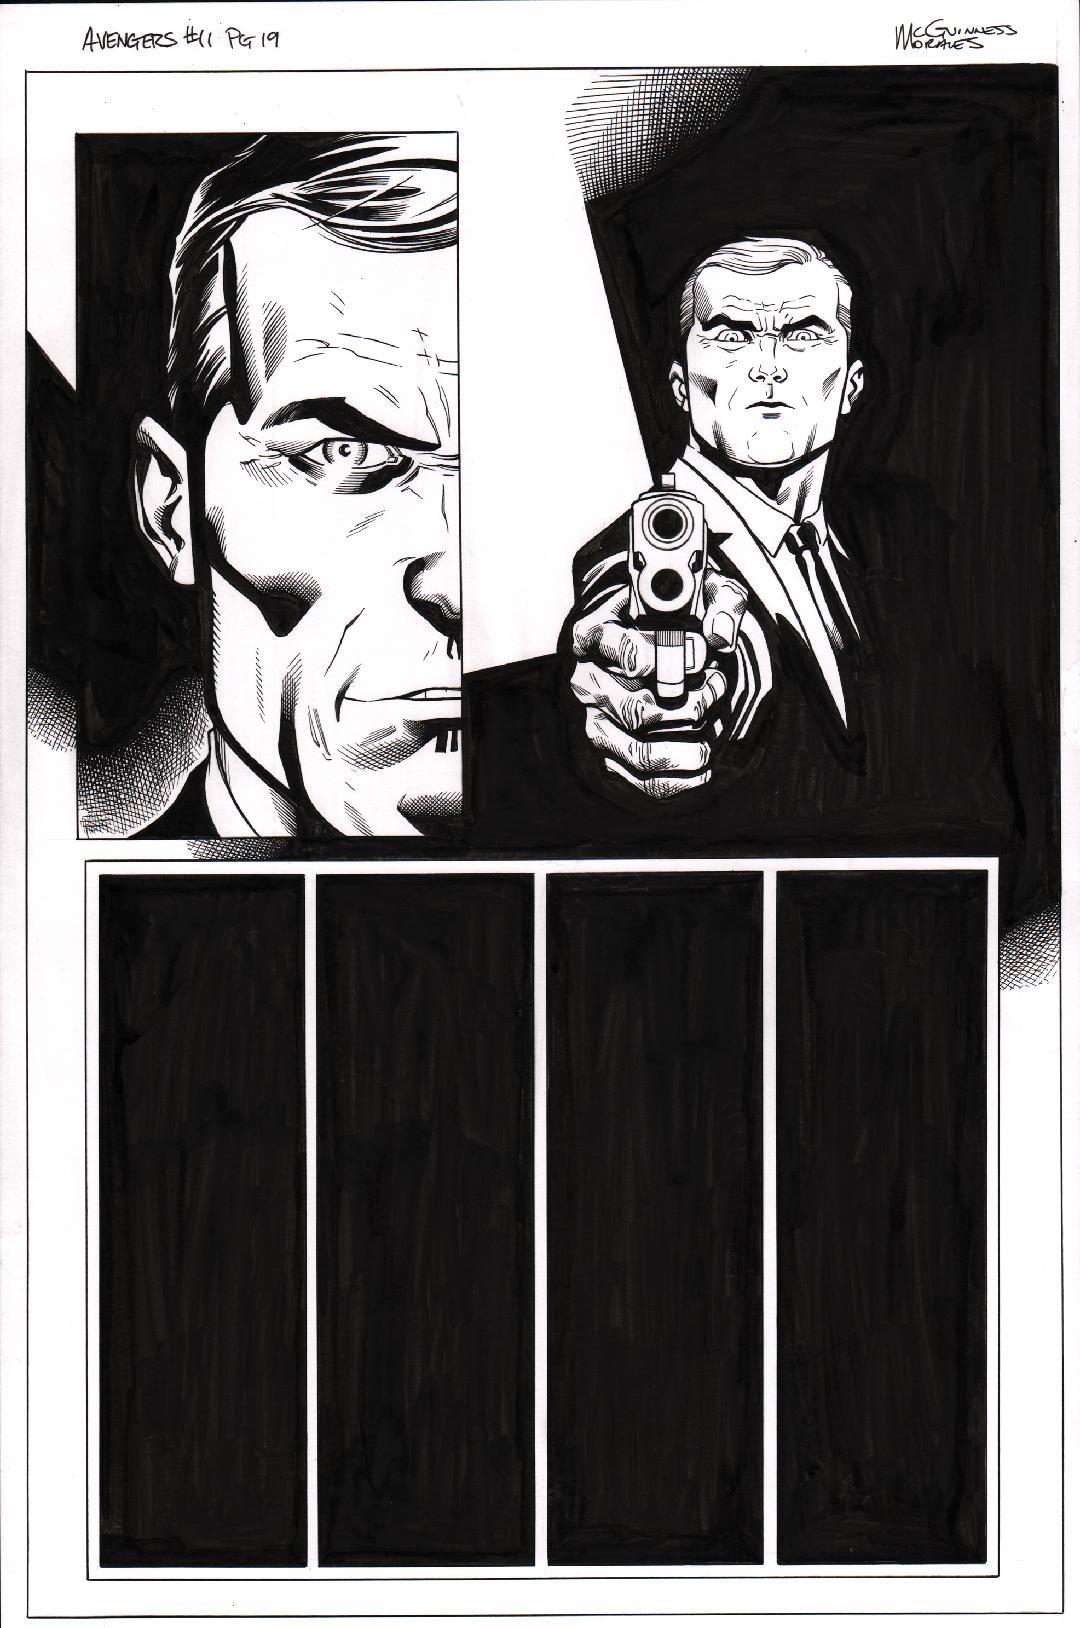 Avengers #11 pg19